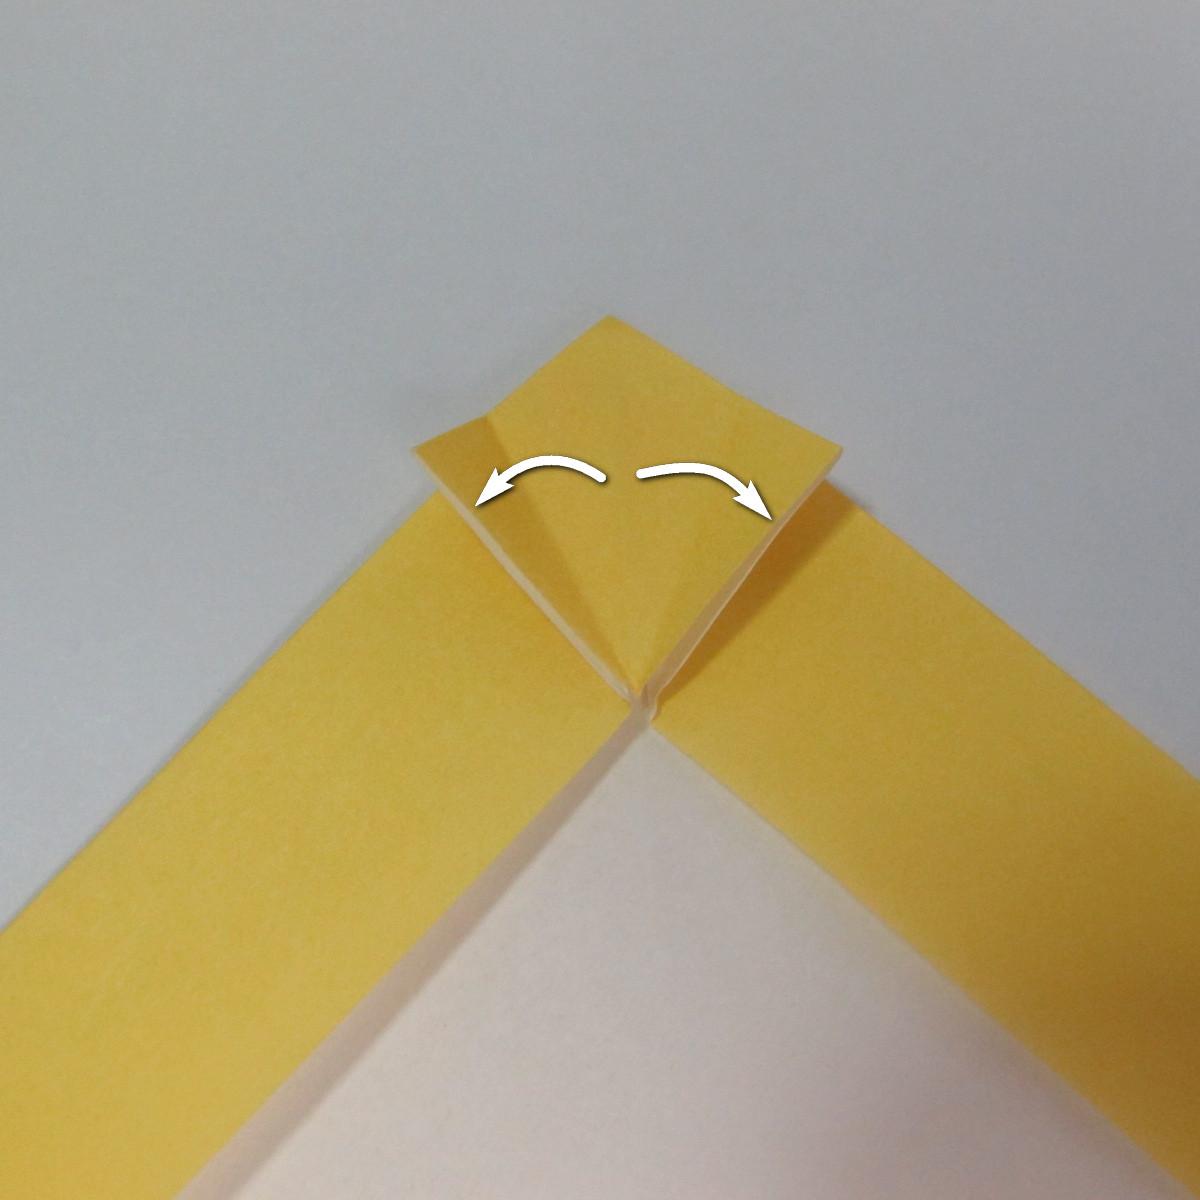 สอนวิธีพับกระดาษเป็นรูปลูกสุนัขยืนสองขา แบบของพอล ฟราสโก้ (Down Boy Dog Origami) 019